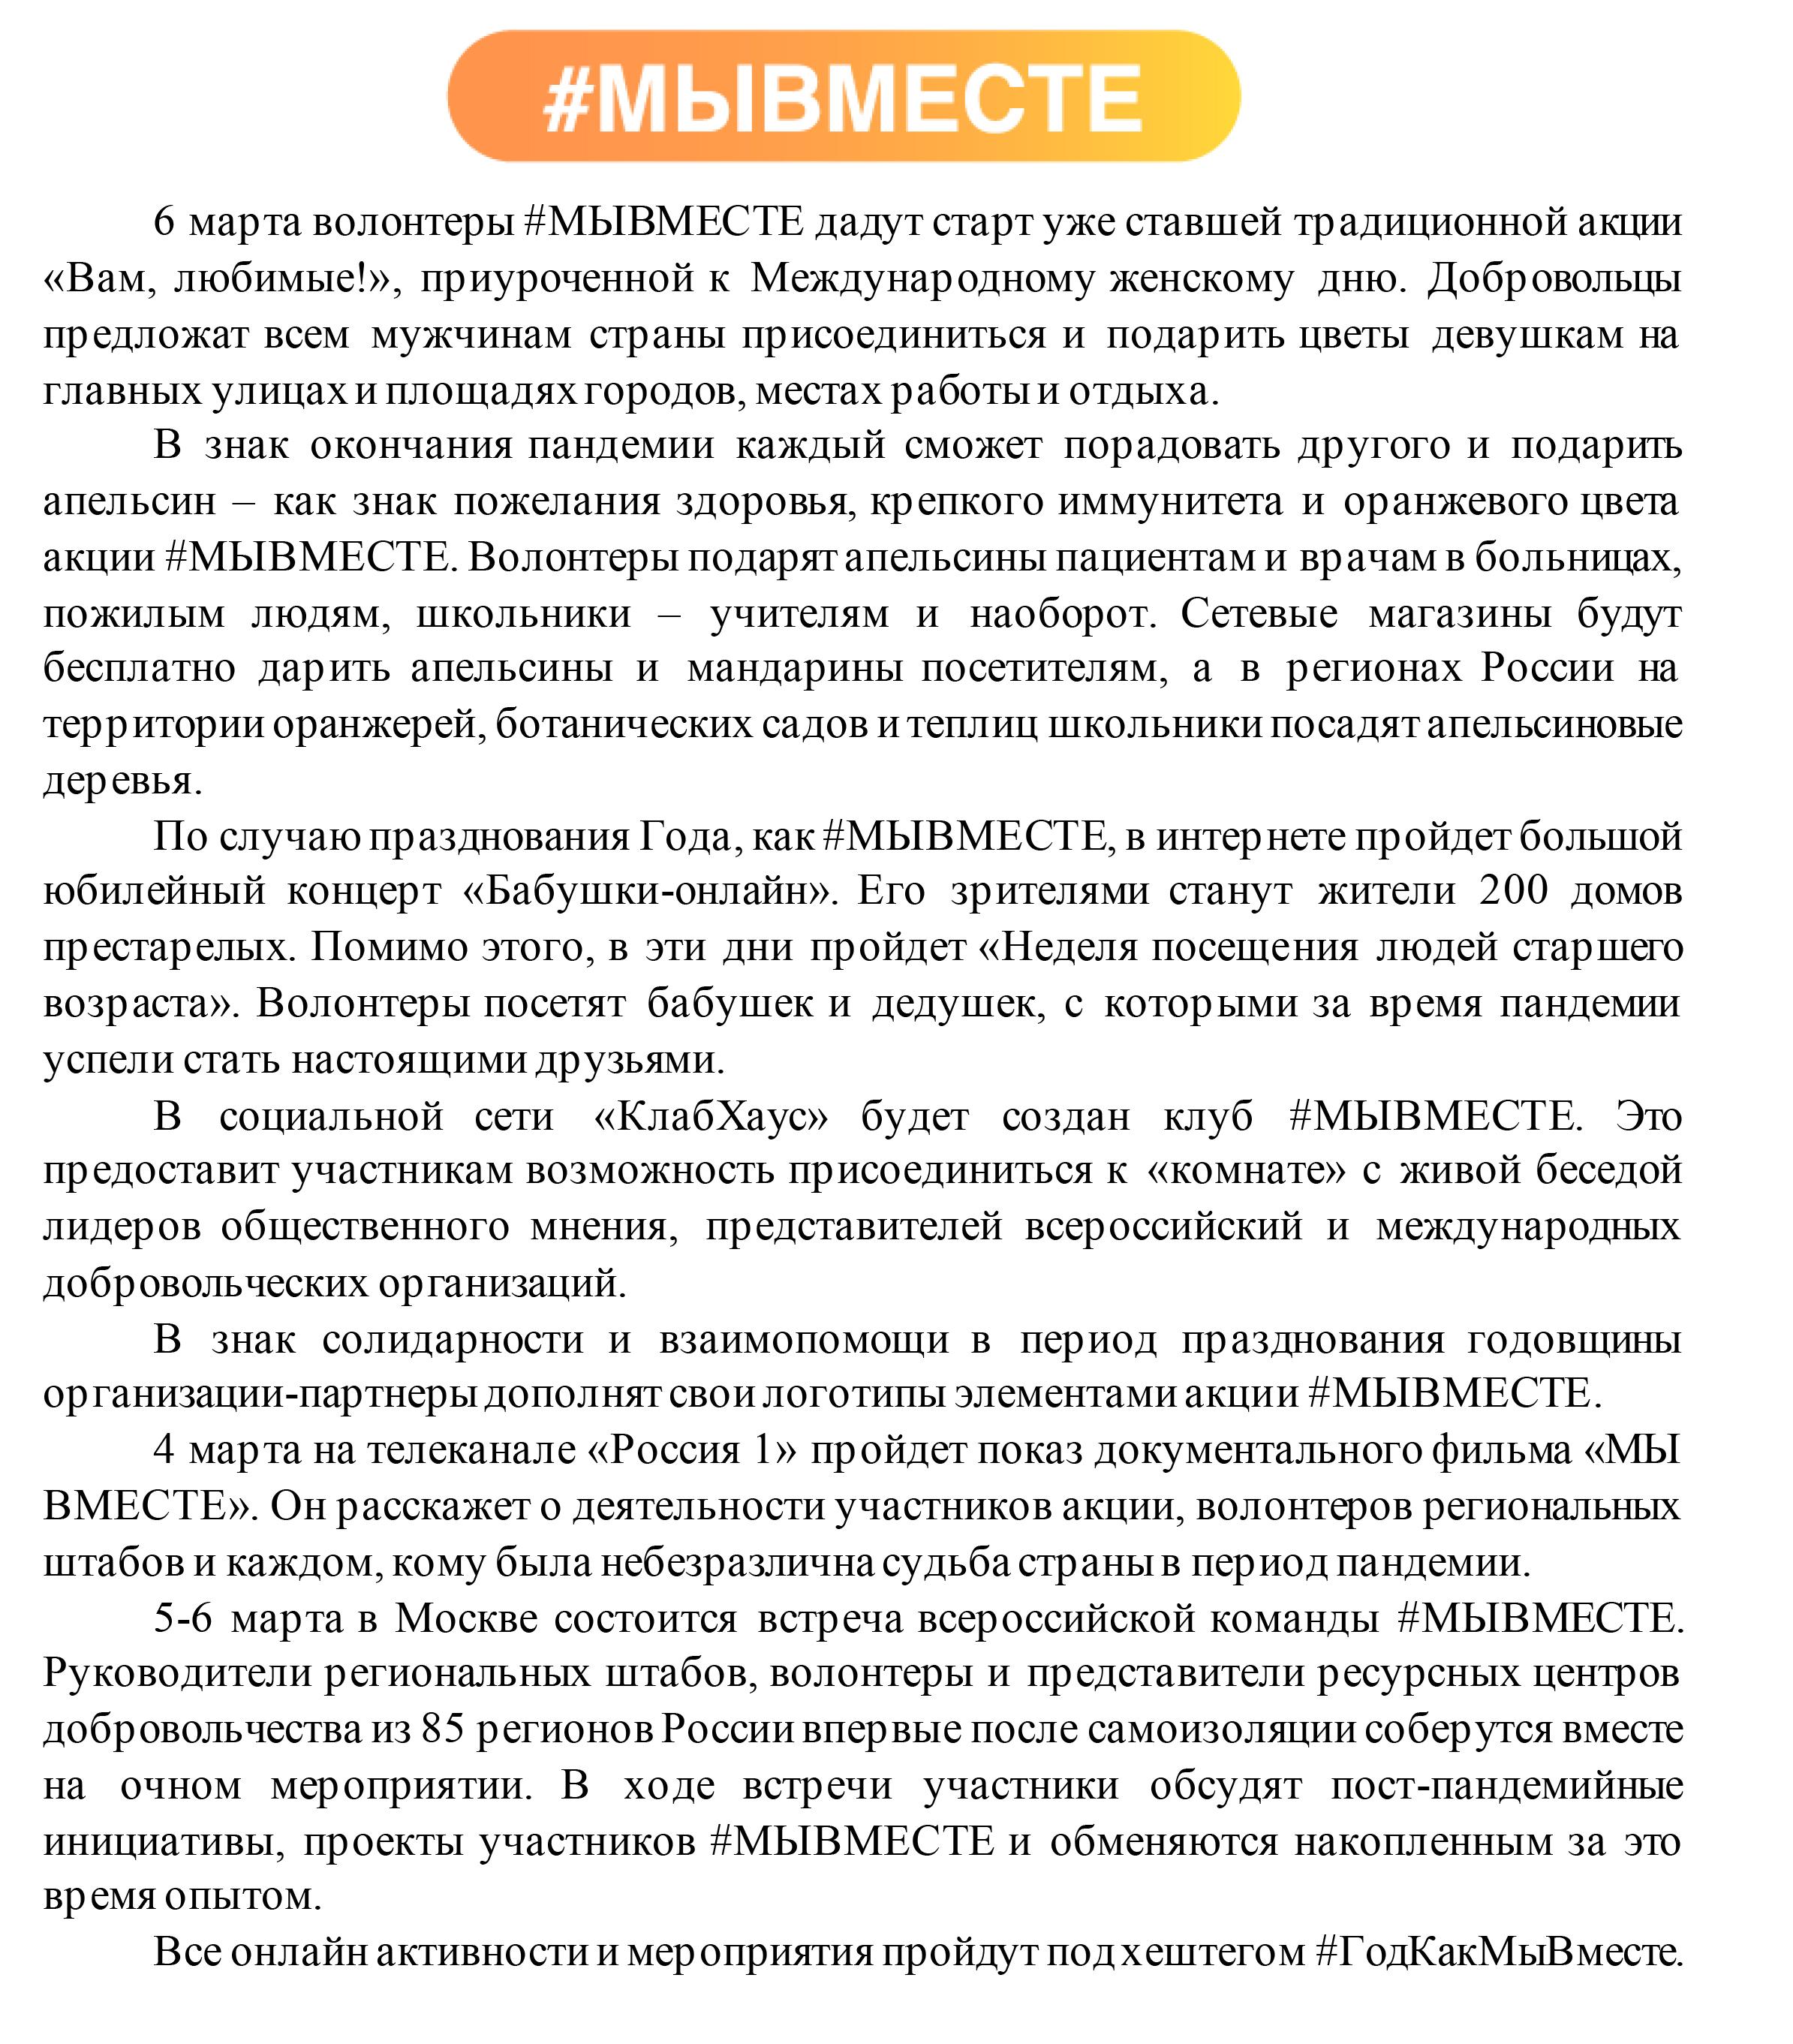 Мероприятия ГодКакМыВМесте (37701665 v1)-2